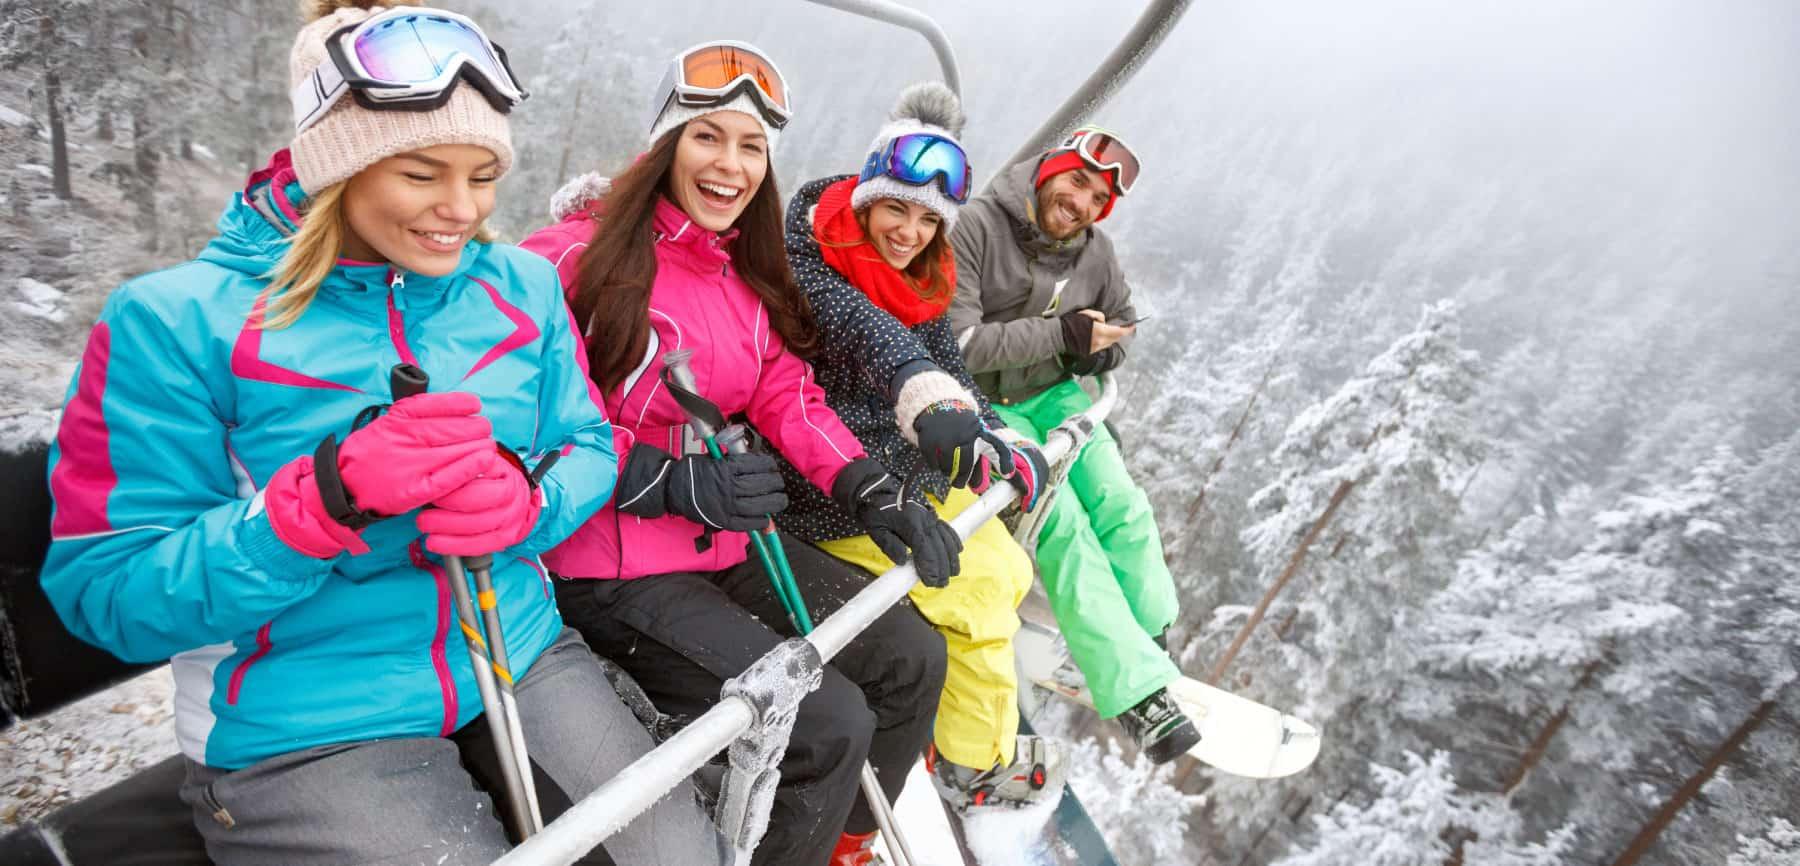 Best Ski Googles